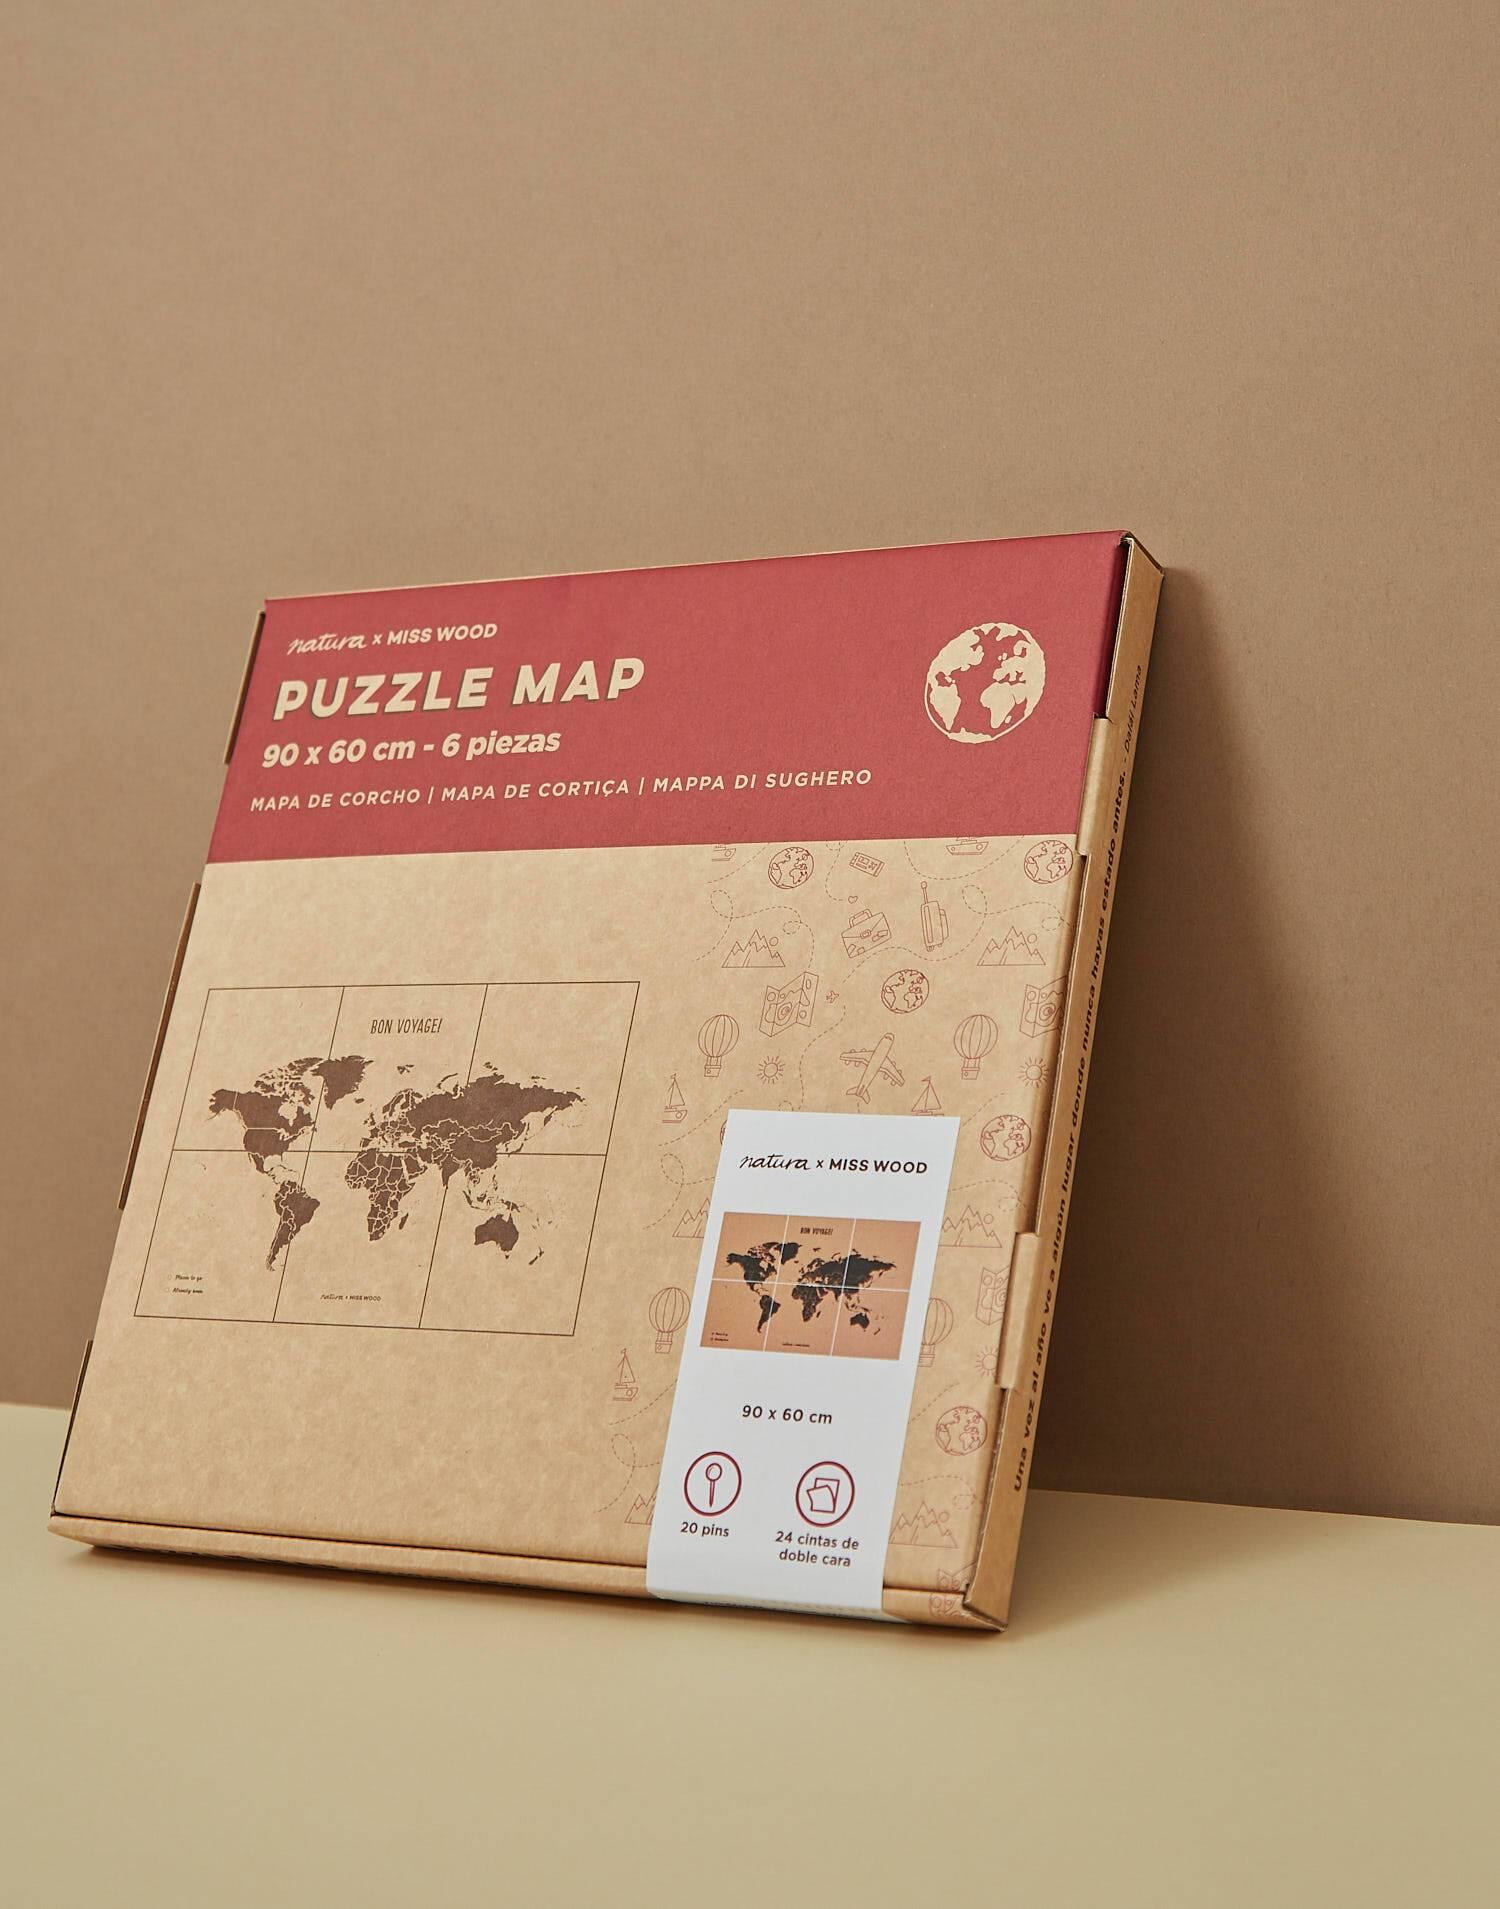 Cartina puzzle 90x60